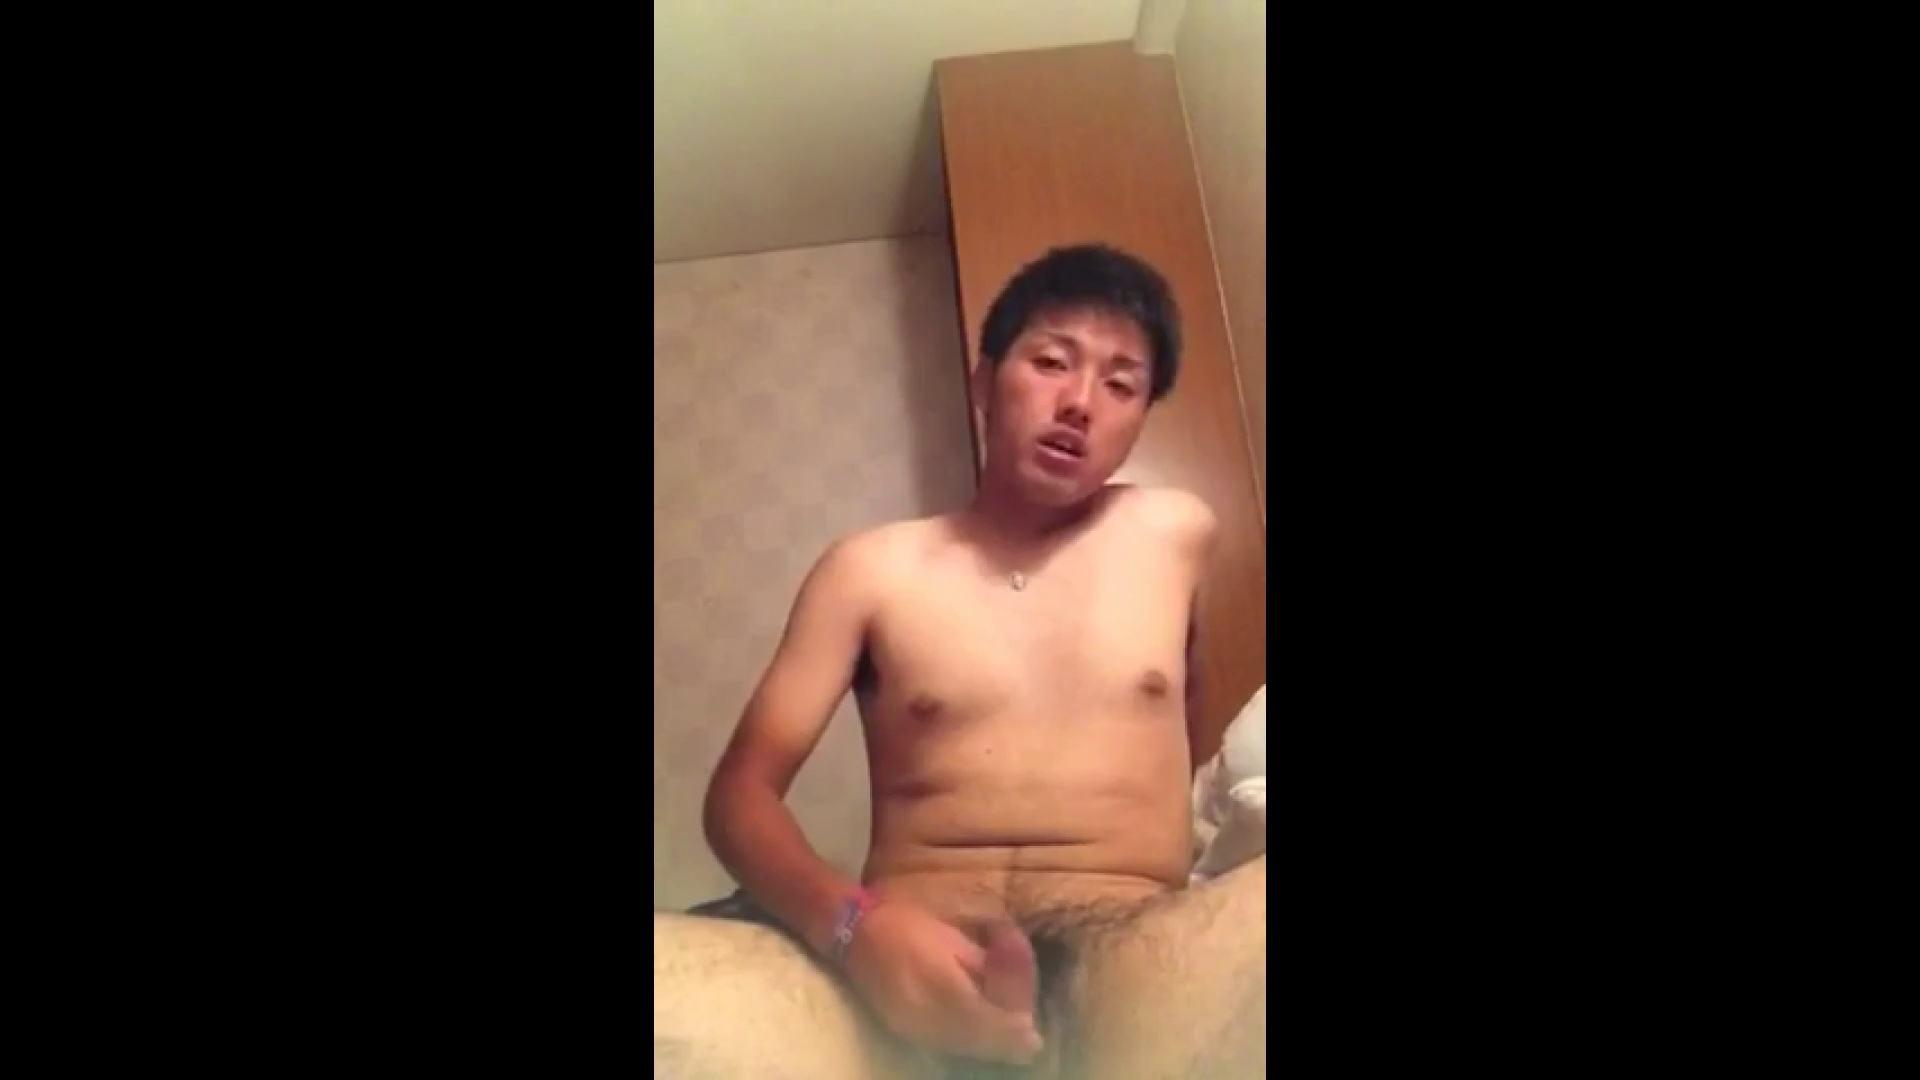 キター!ノンケちゃんオナニー特集vol.29 モ無し | 手技 エロビデオ紹介 7連発 2